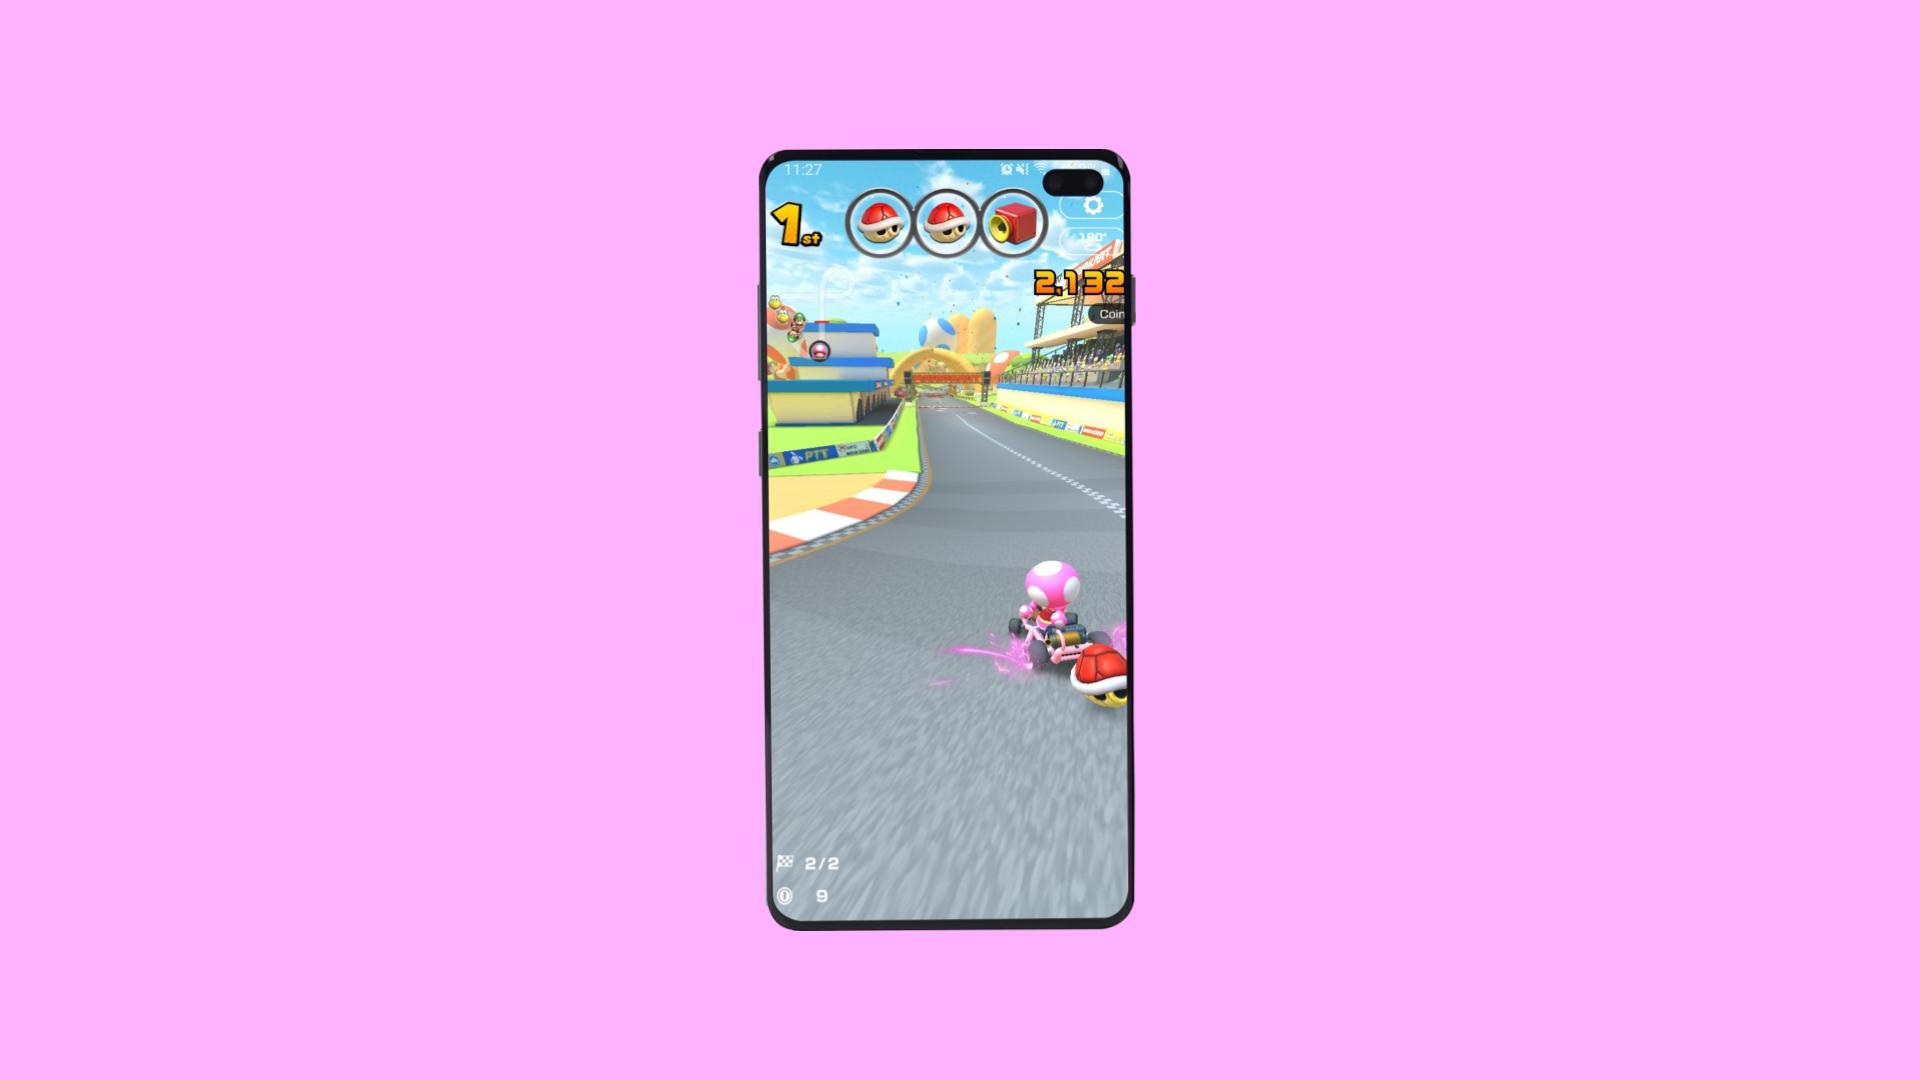 Ce qu'il faut savoir sur Mario Kart Tour : gameplay, contenus, modèle d'affaire et APK